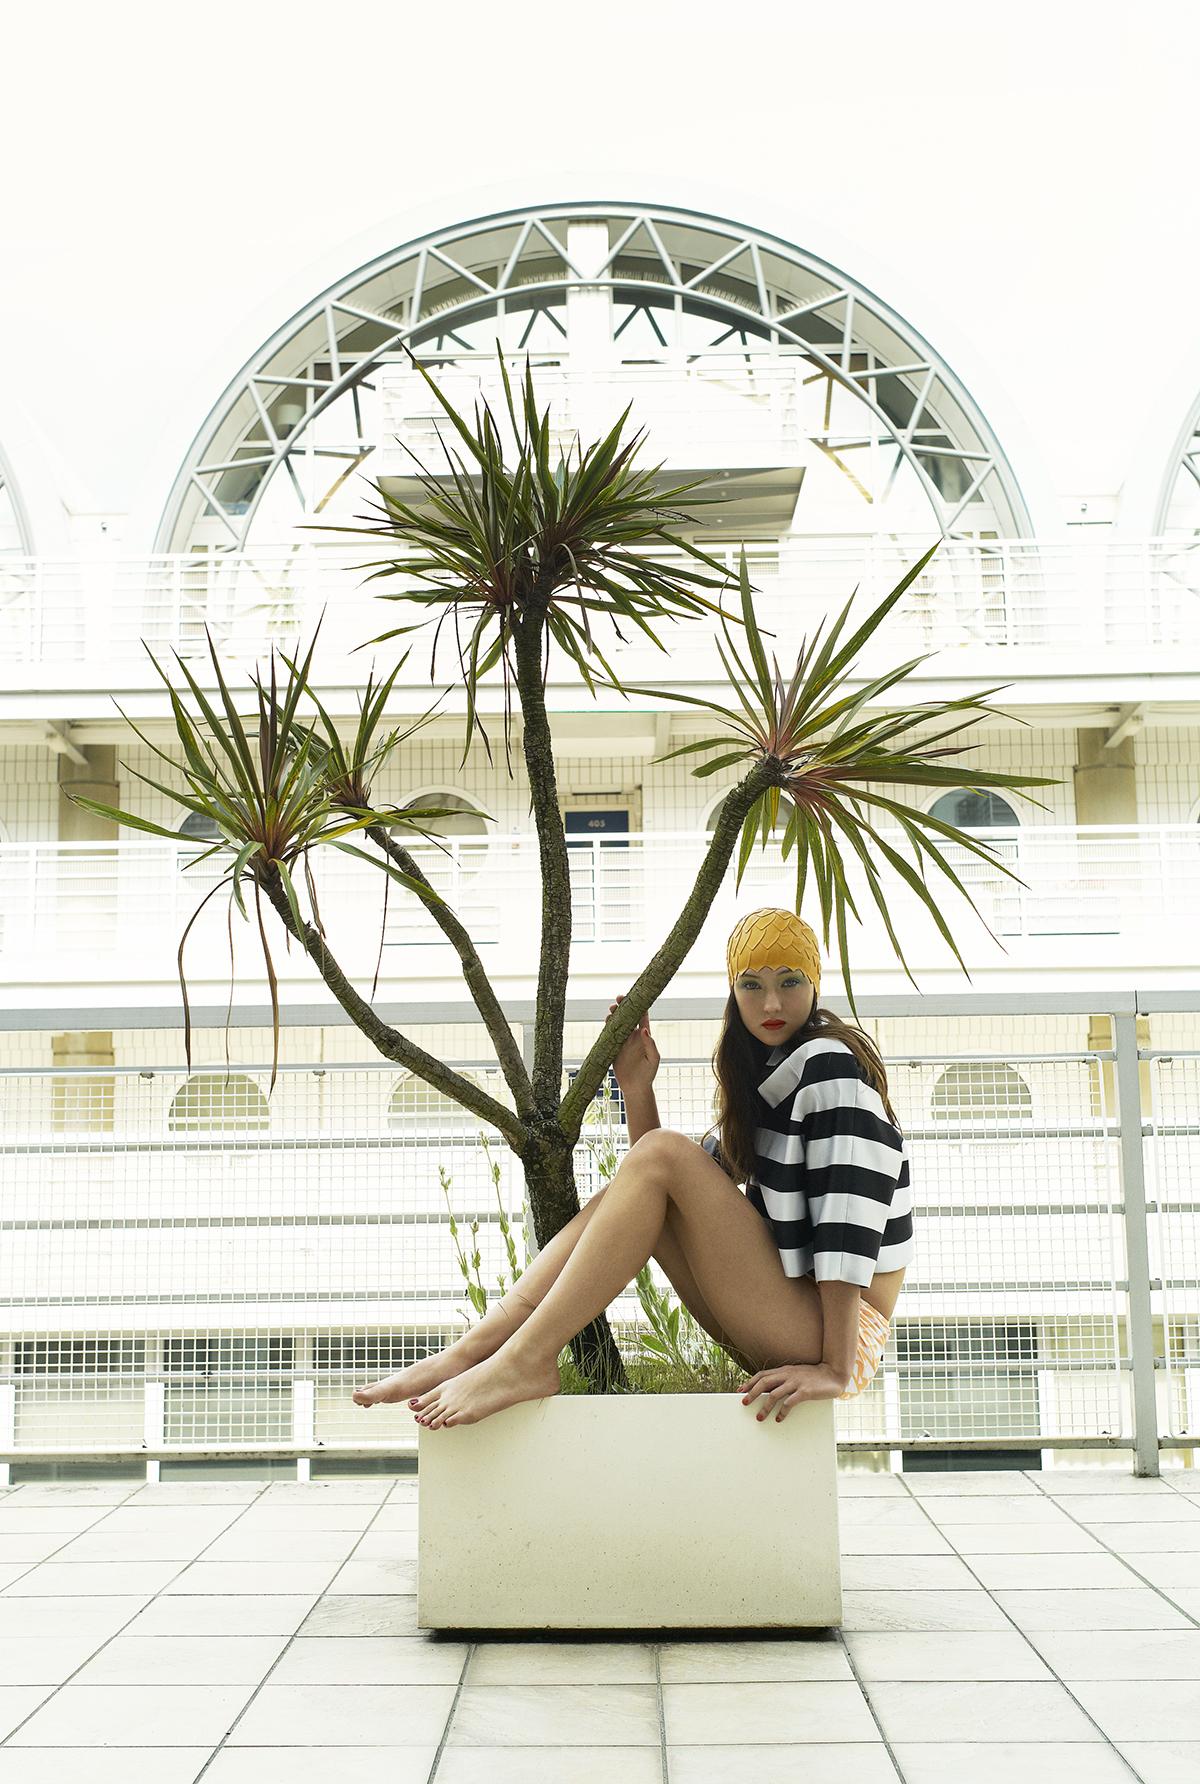 Beauty-Rebel-Flo-19.06.13_924.jpg